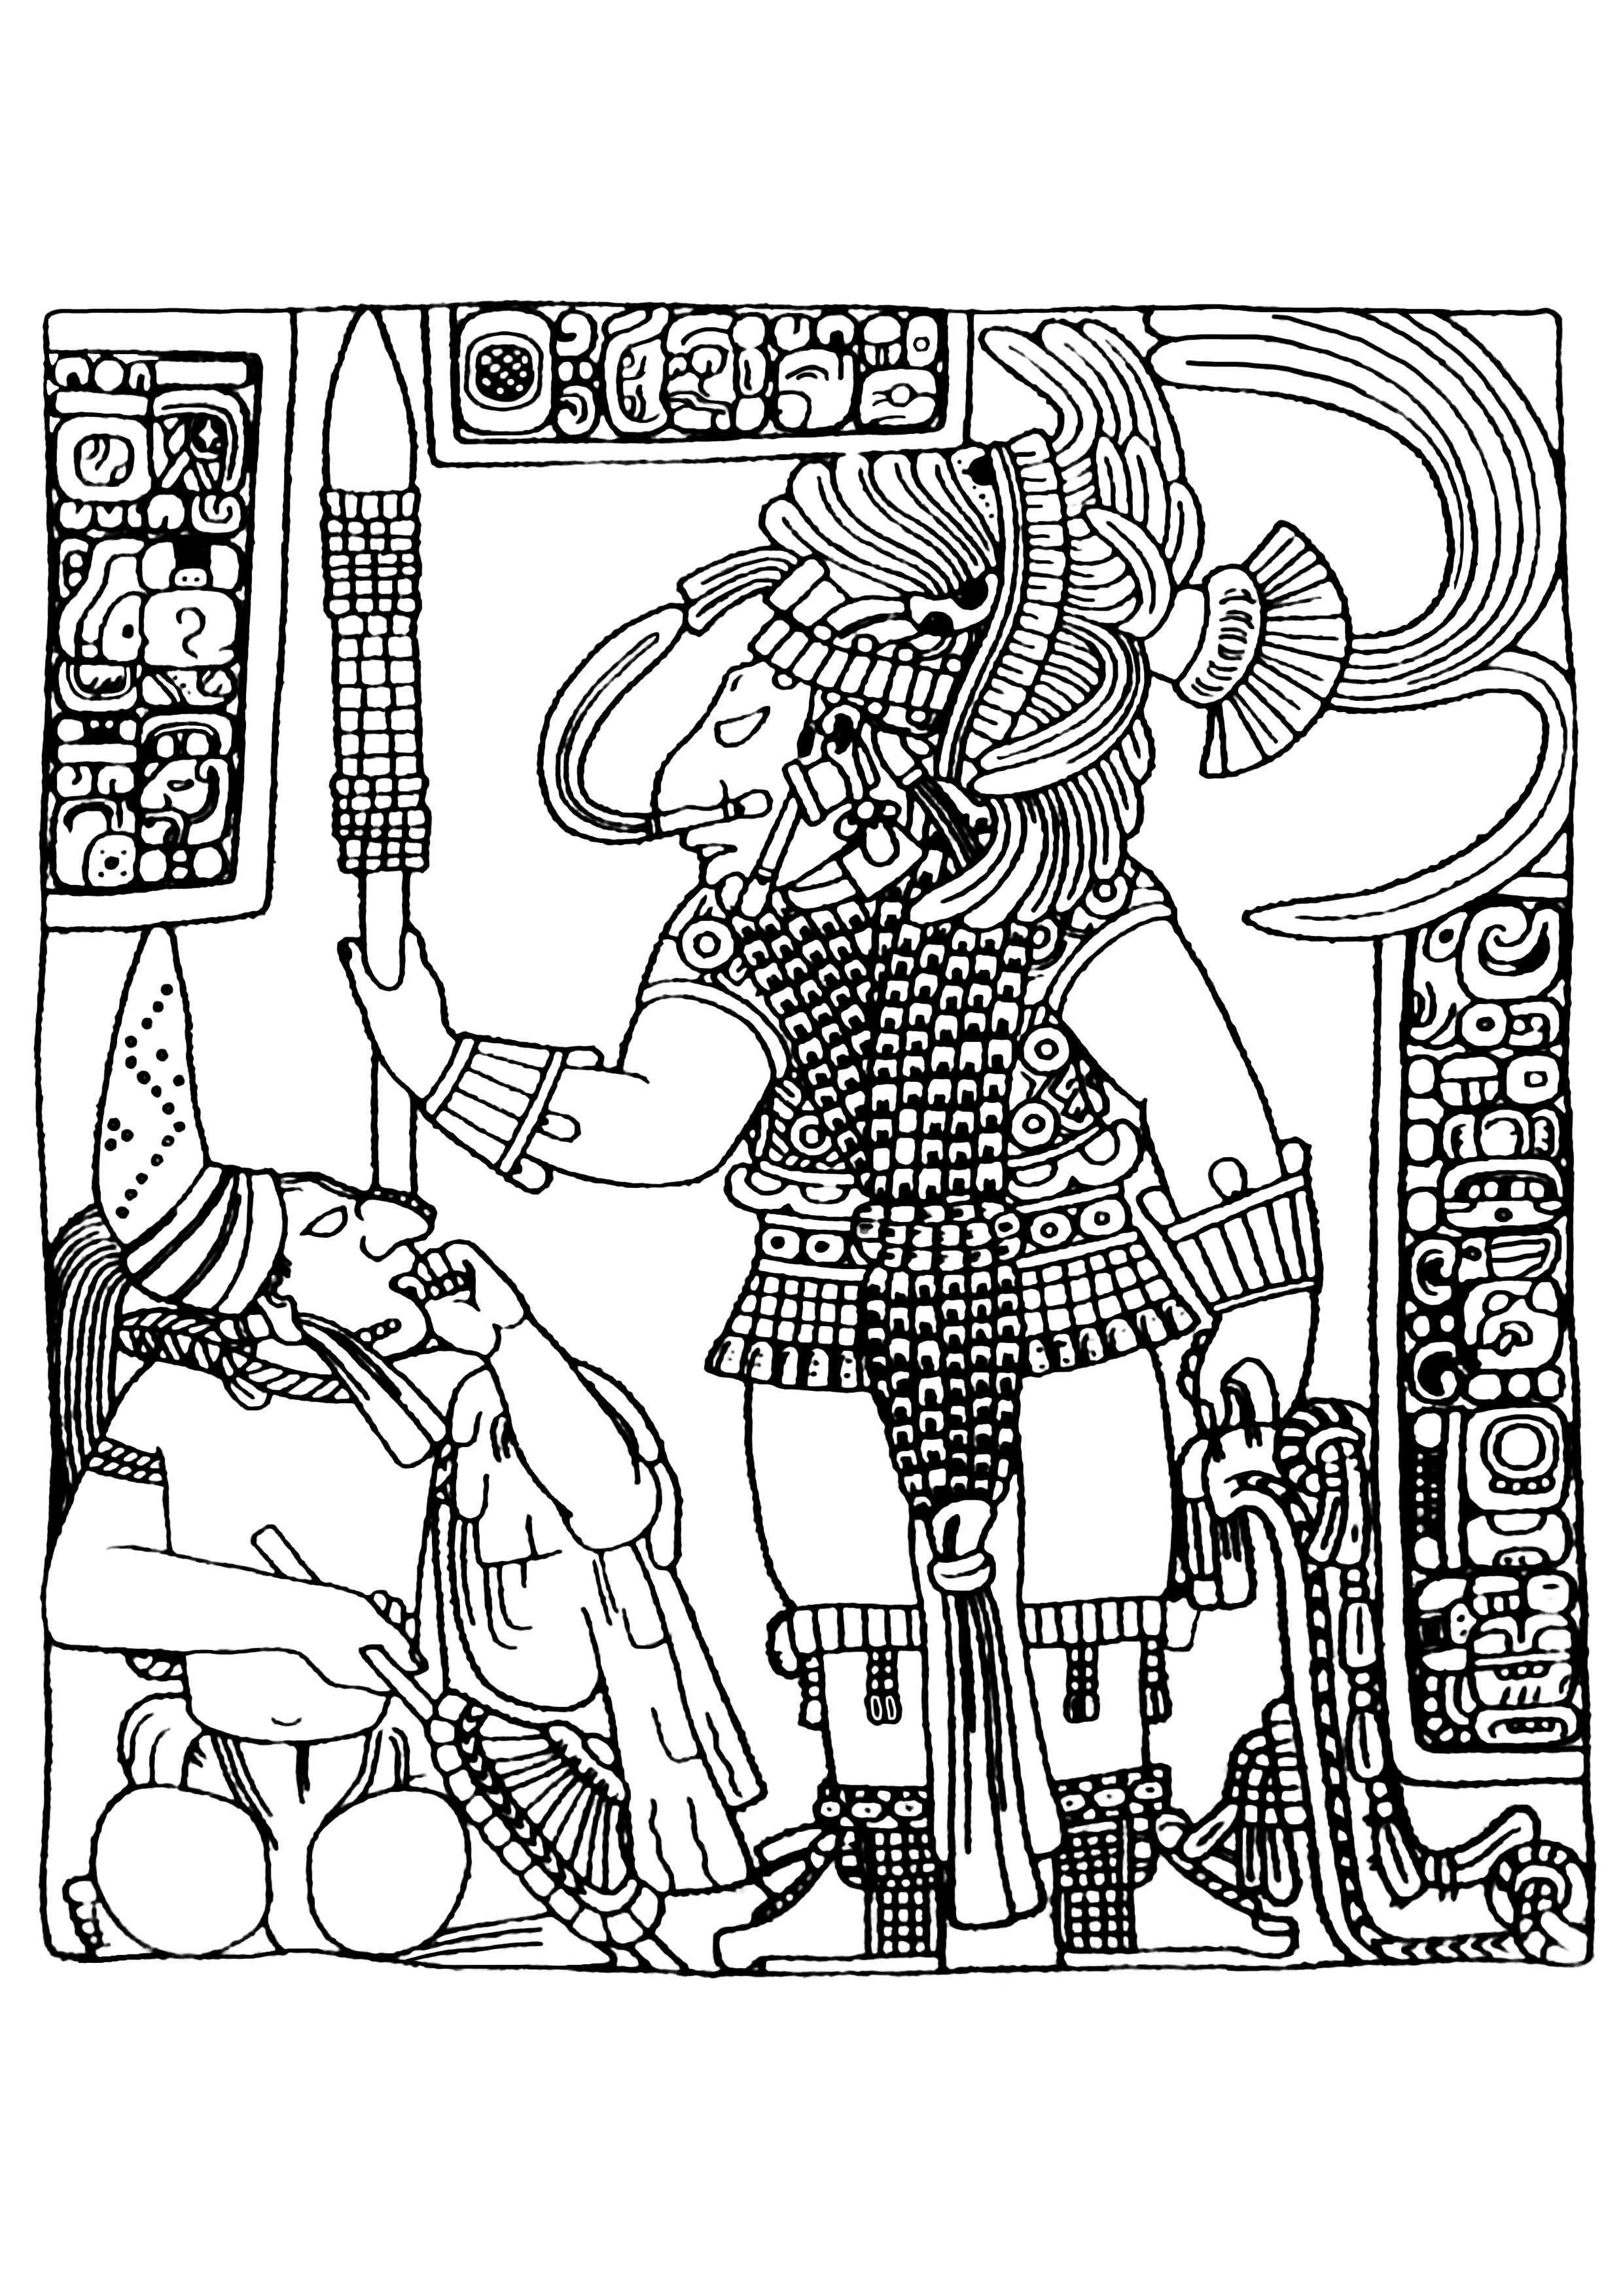 Disegni da colorare per adulti : Maya, Aztechi e Incas - 24